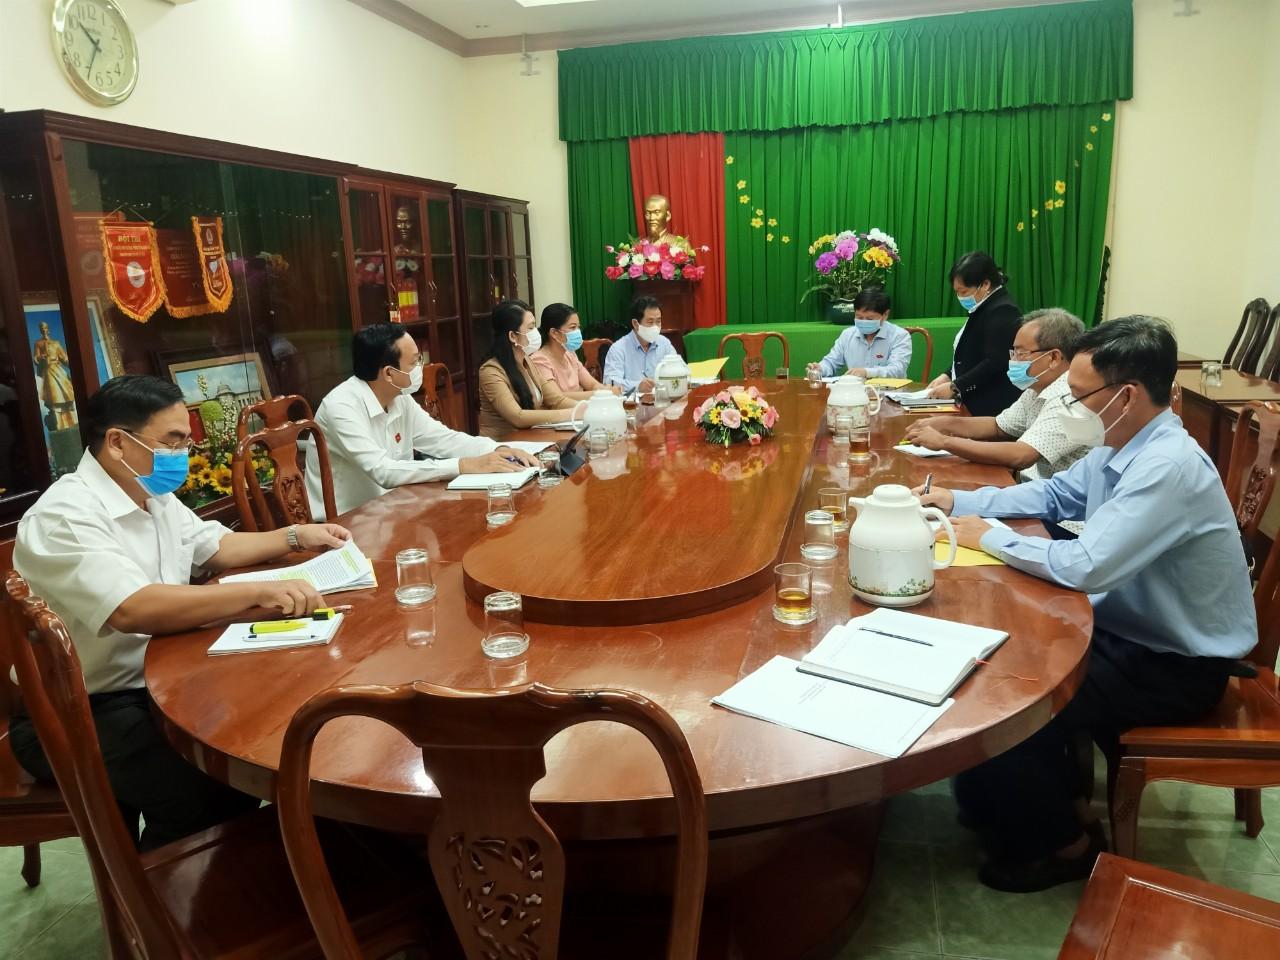 Cục Thống kê làm việc với Đoàn đại biểu Quốc hội tỉnh Tiền Giang về Dự án Luật sửa đổi, bổ sung một số điều của Luật Thống kê